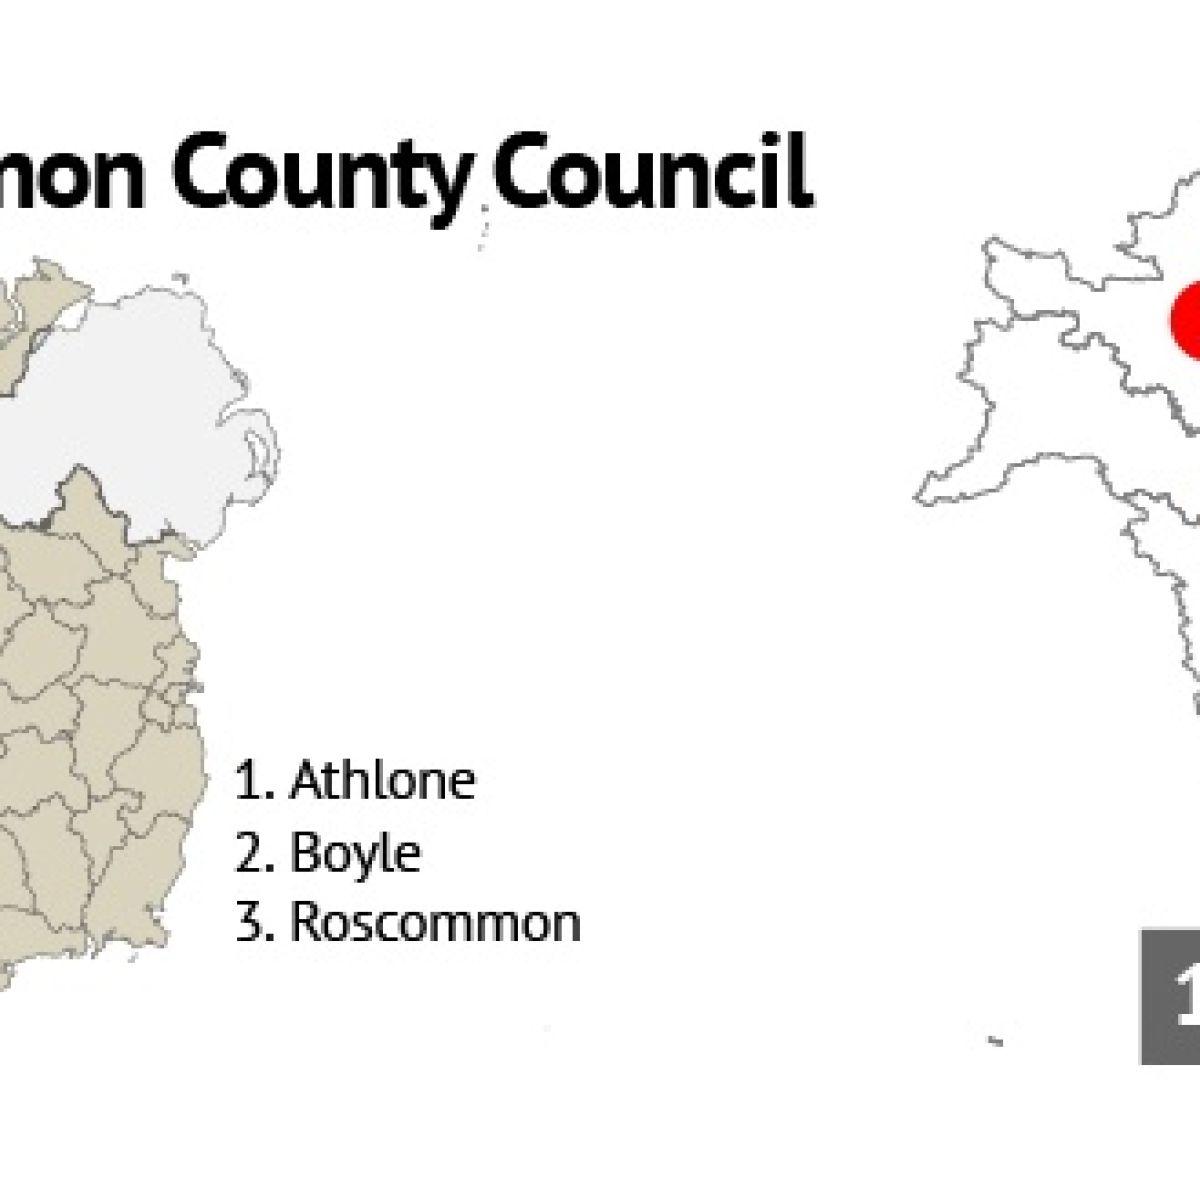 Roscommon - Wikipedia